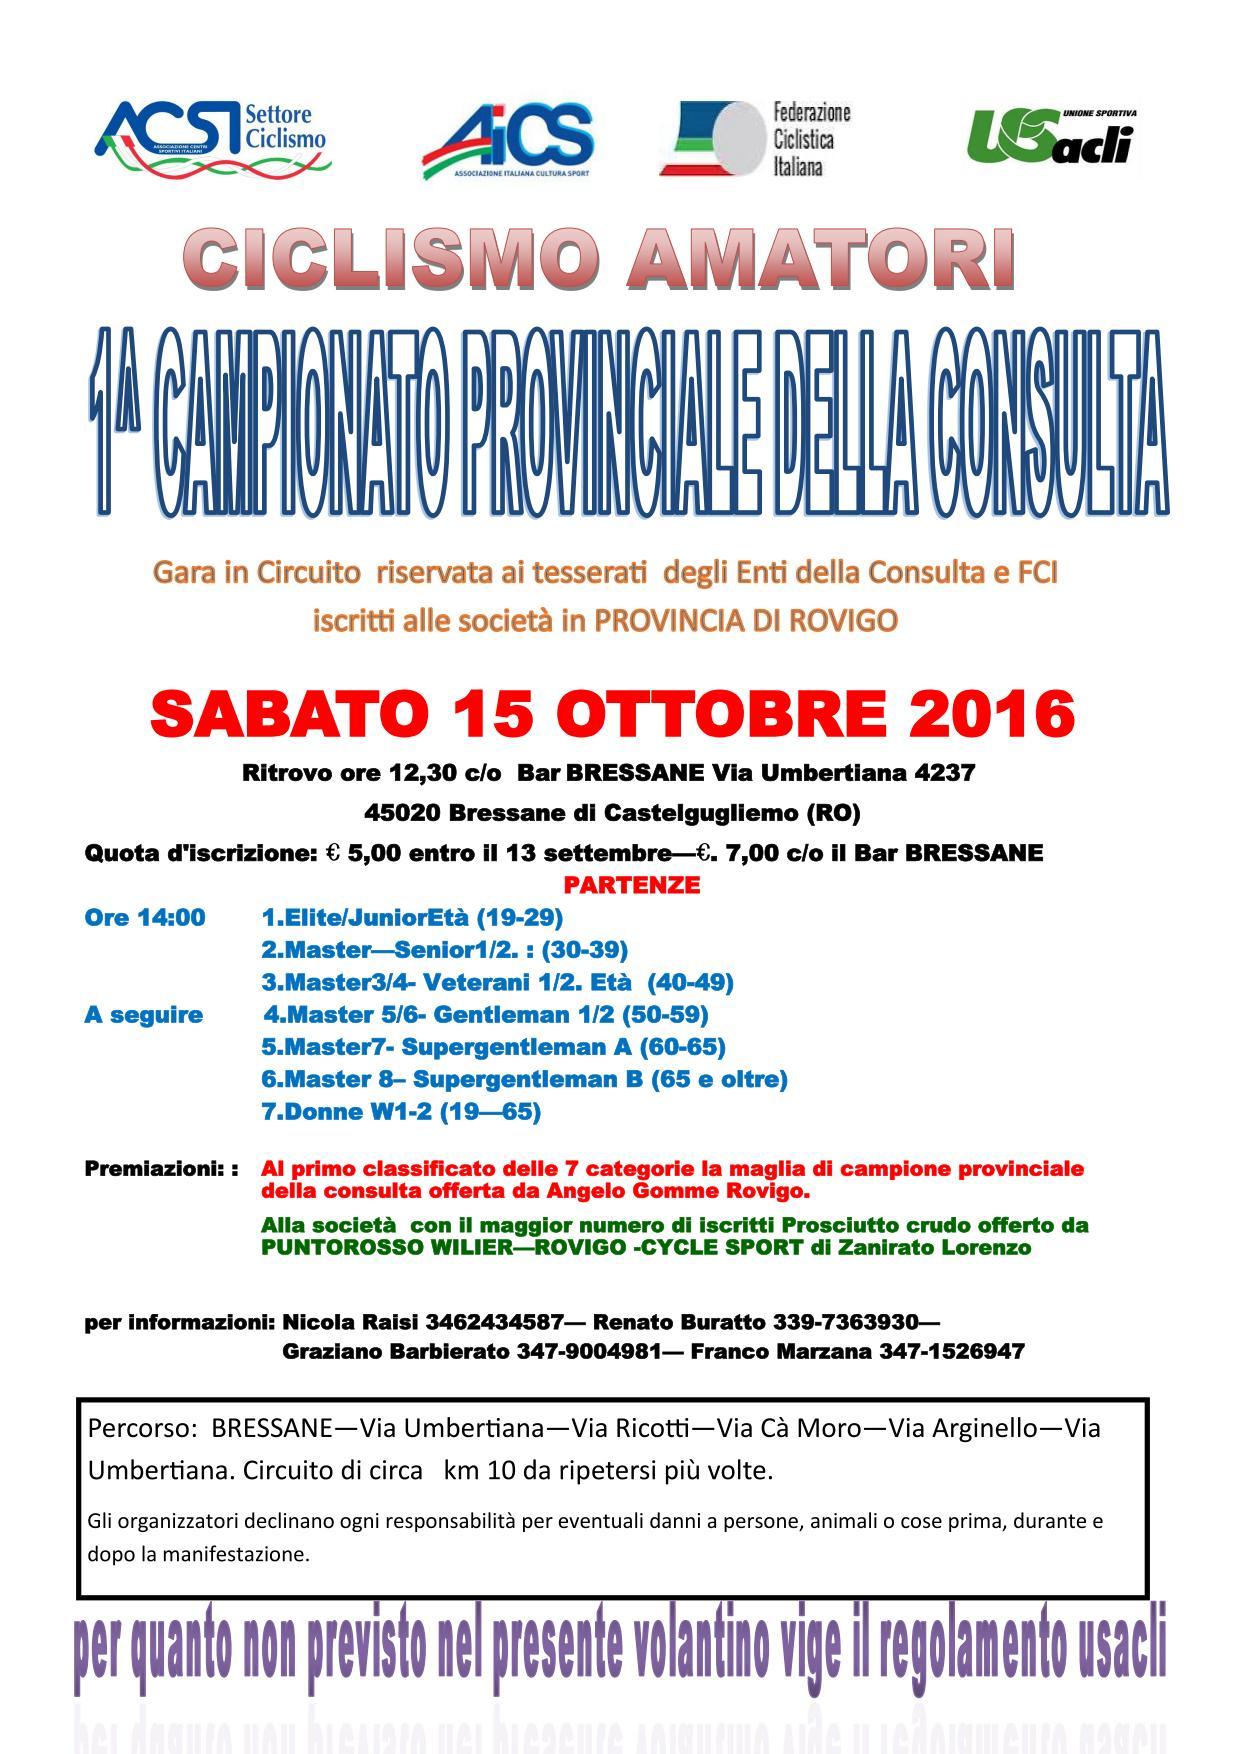 1_campionato_provinciale_consulta